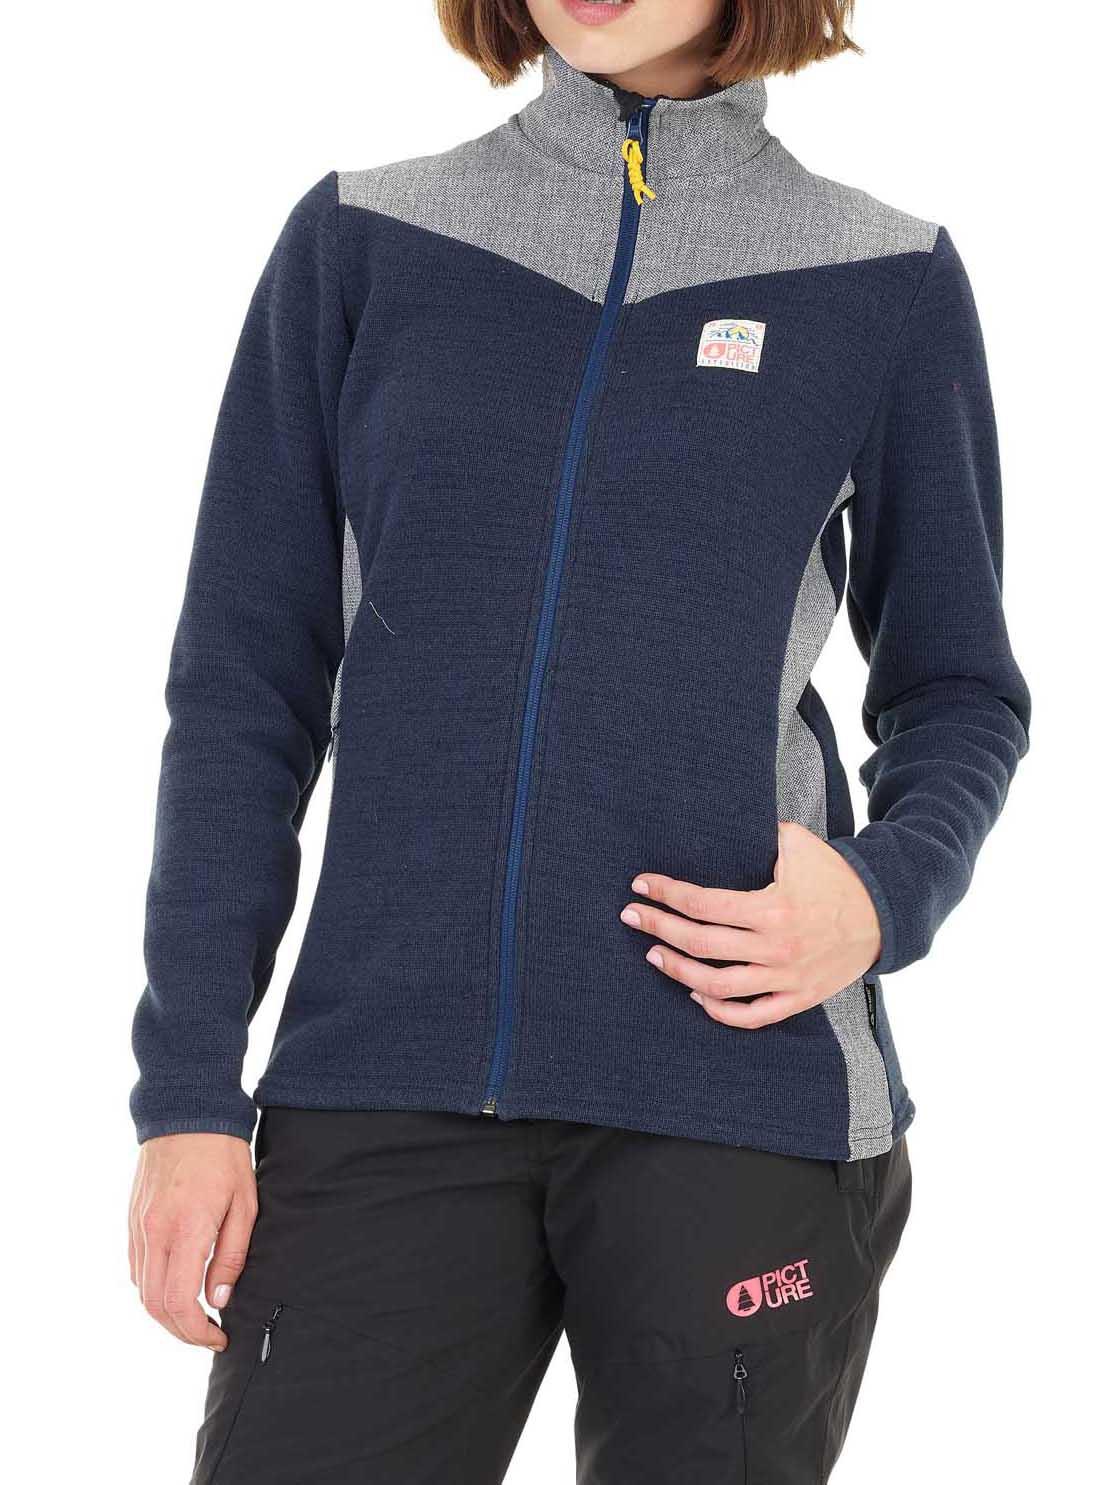 Veste polaire Wakay Jkt Picture Organic Clothing pour Femmes - Tailles S à L